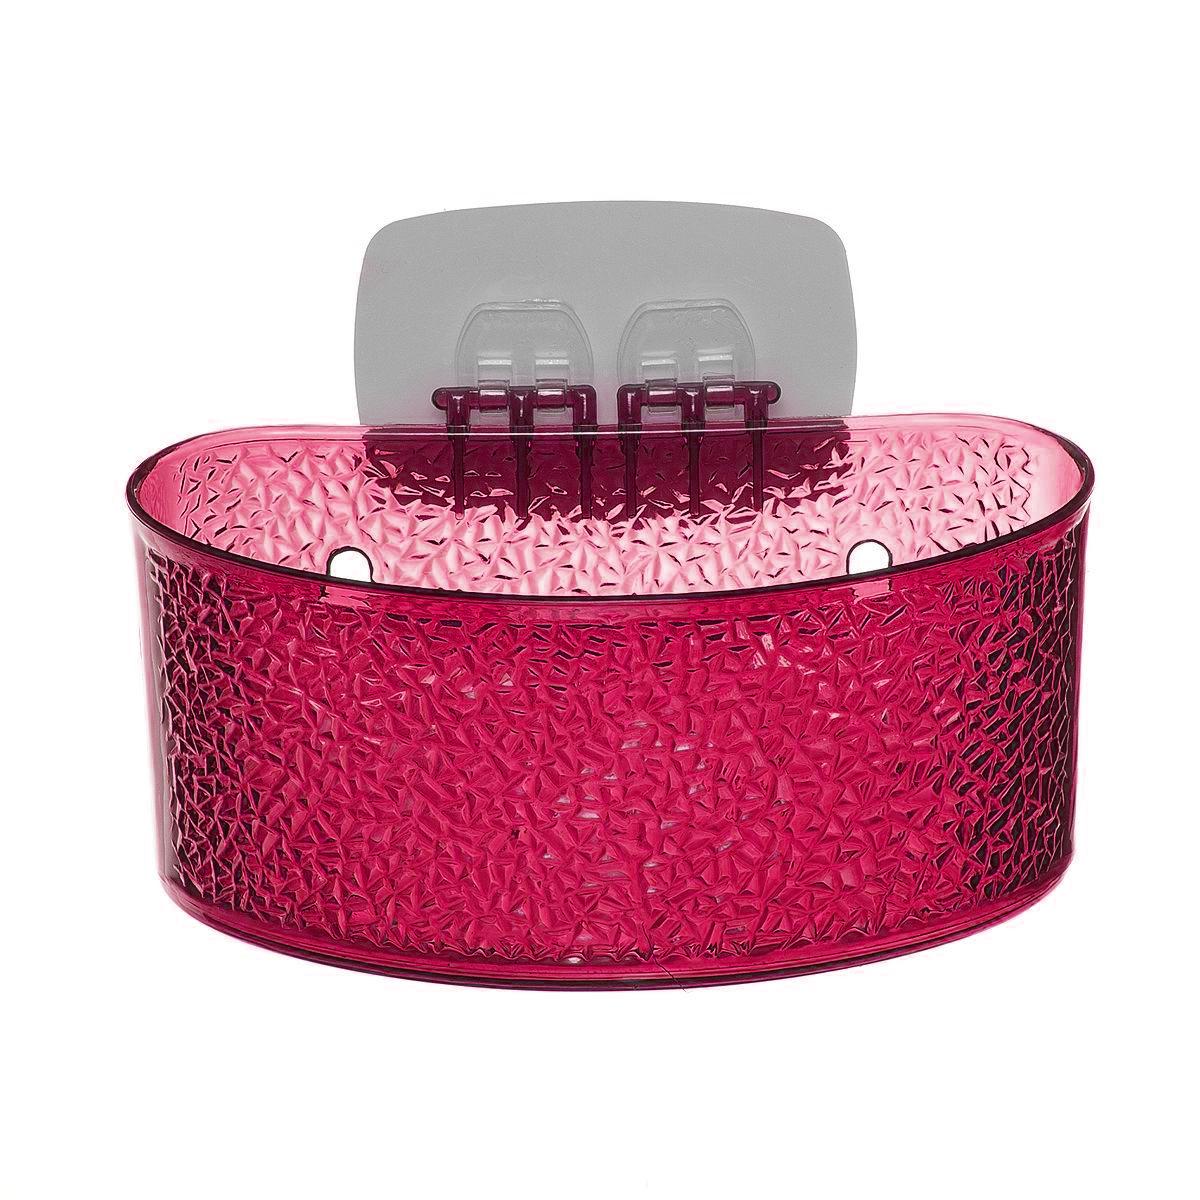 Полка для ванной комнаты Fresh Code, на липкой основе, цвет: малиновый, 19 х 10 х 10 см41622Полка для ванной комнаты Fresh Code выполнена из ABS пластика. Крепление на липкой основе многократного использования идеально подходит для гладкой поверхности. Полка поможет создать настроение вашей ванной комнаты. Подходит для всех типов гладких поверхностей. Максимальная нагрузка 3 кг.